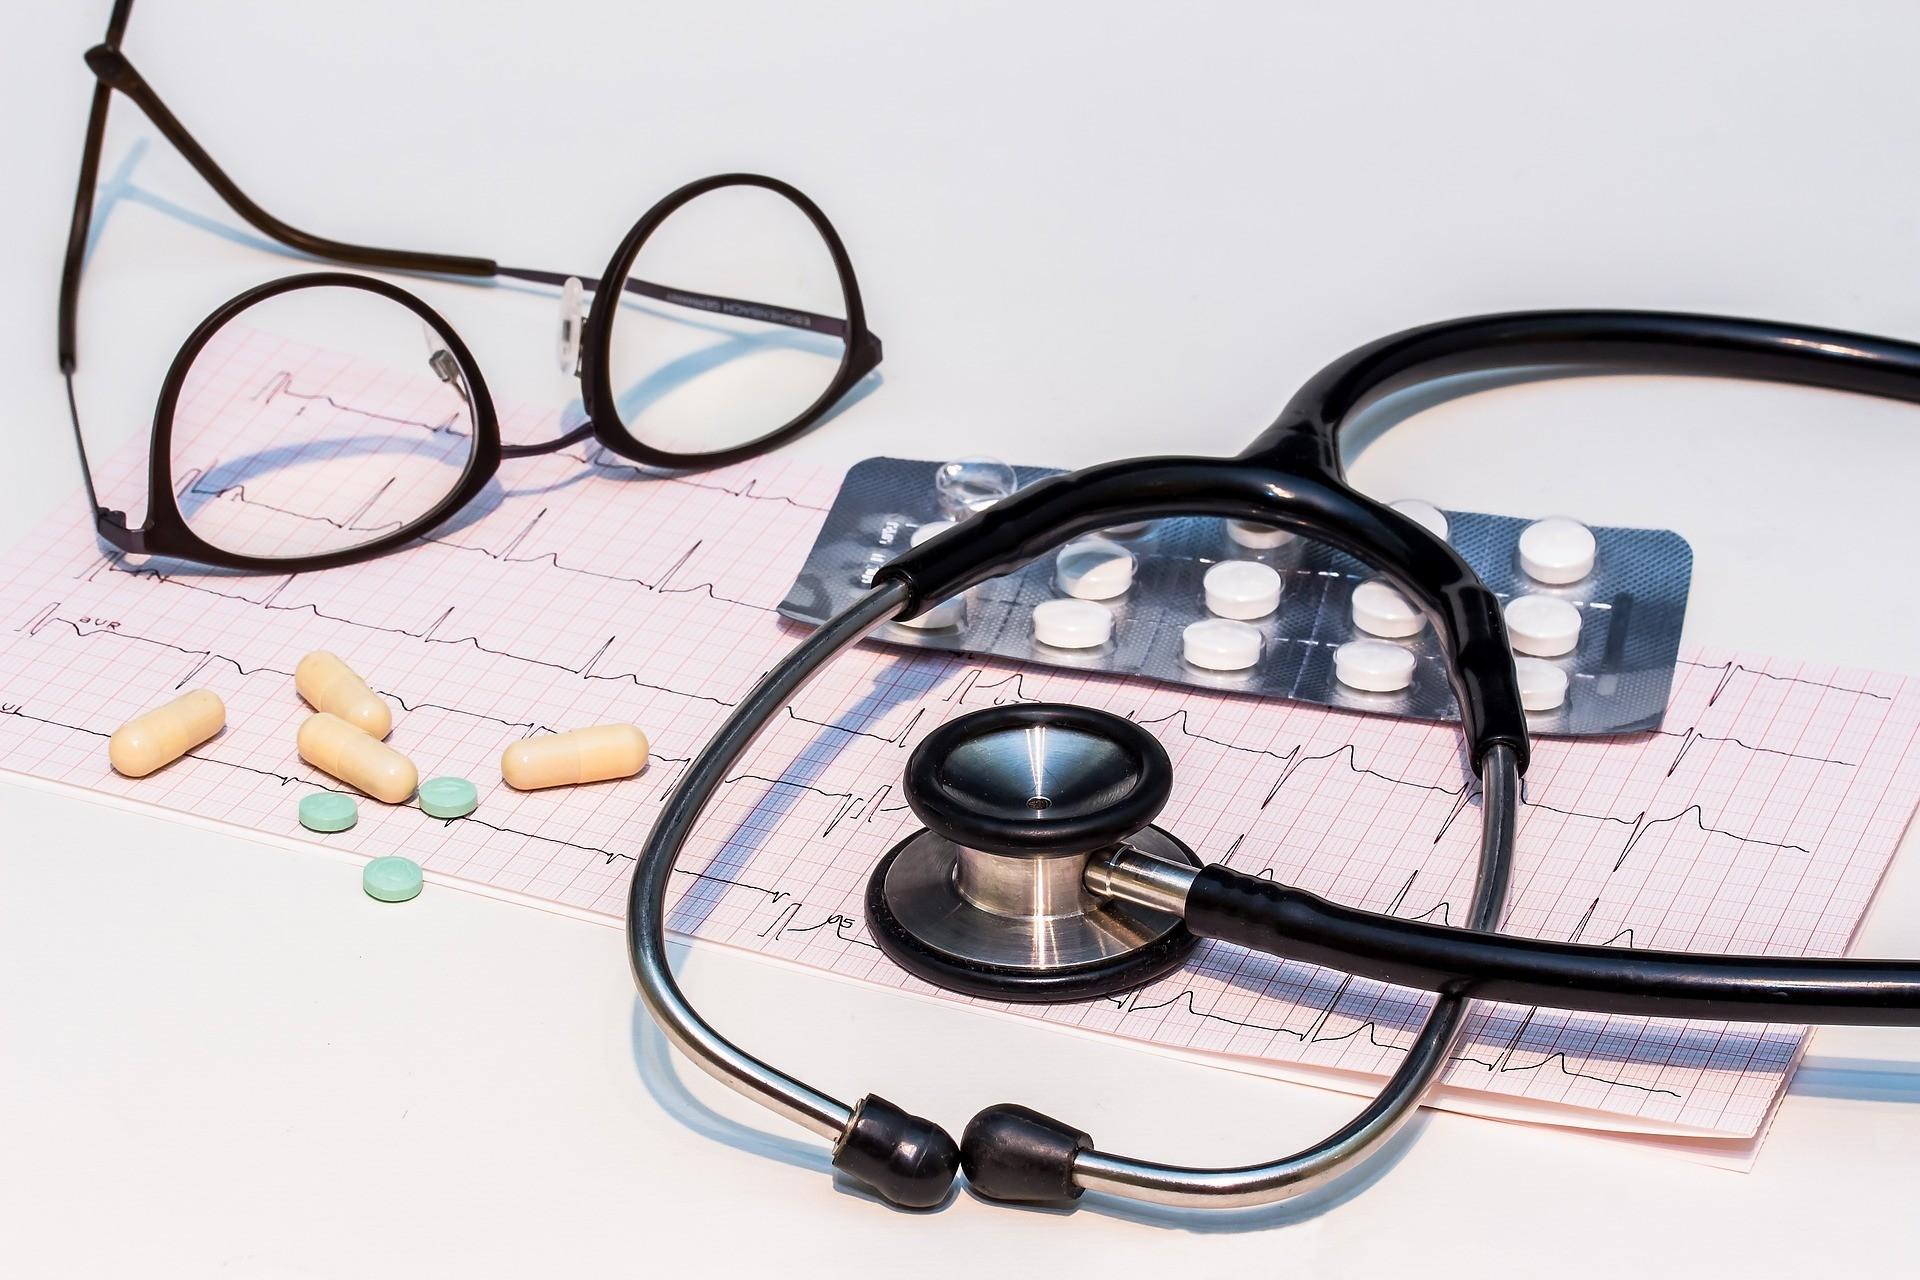 23 заболевания, которые наши врачи лечат неправильно: что на самом деле поможет при депрессии и стенокардии